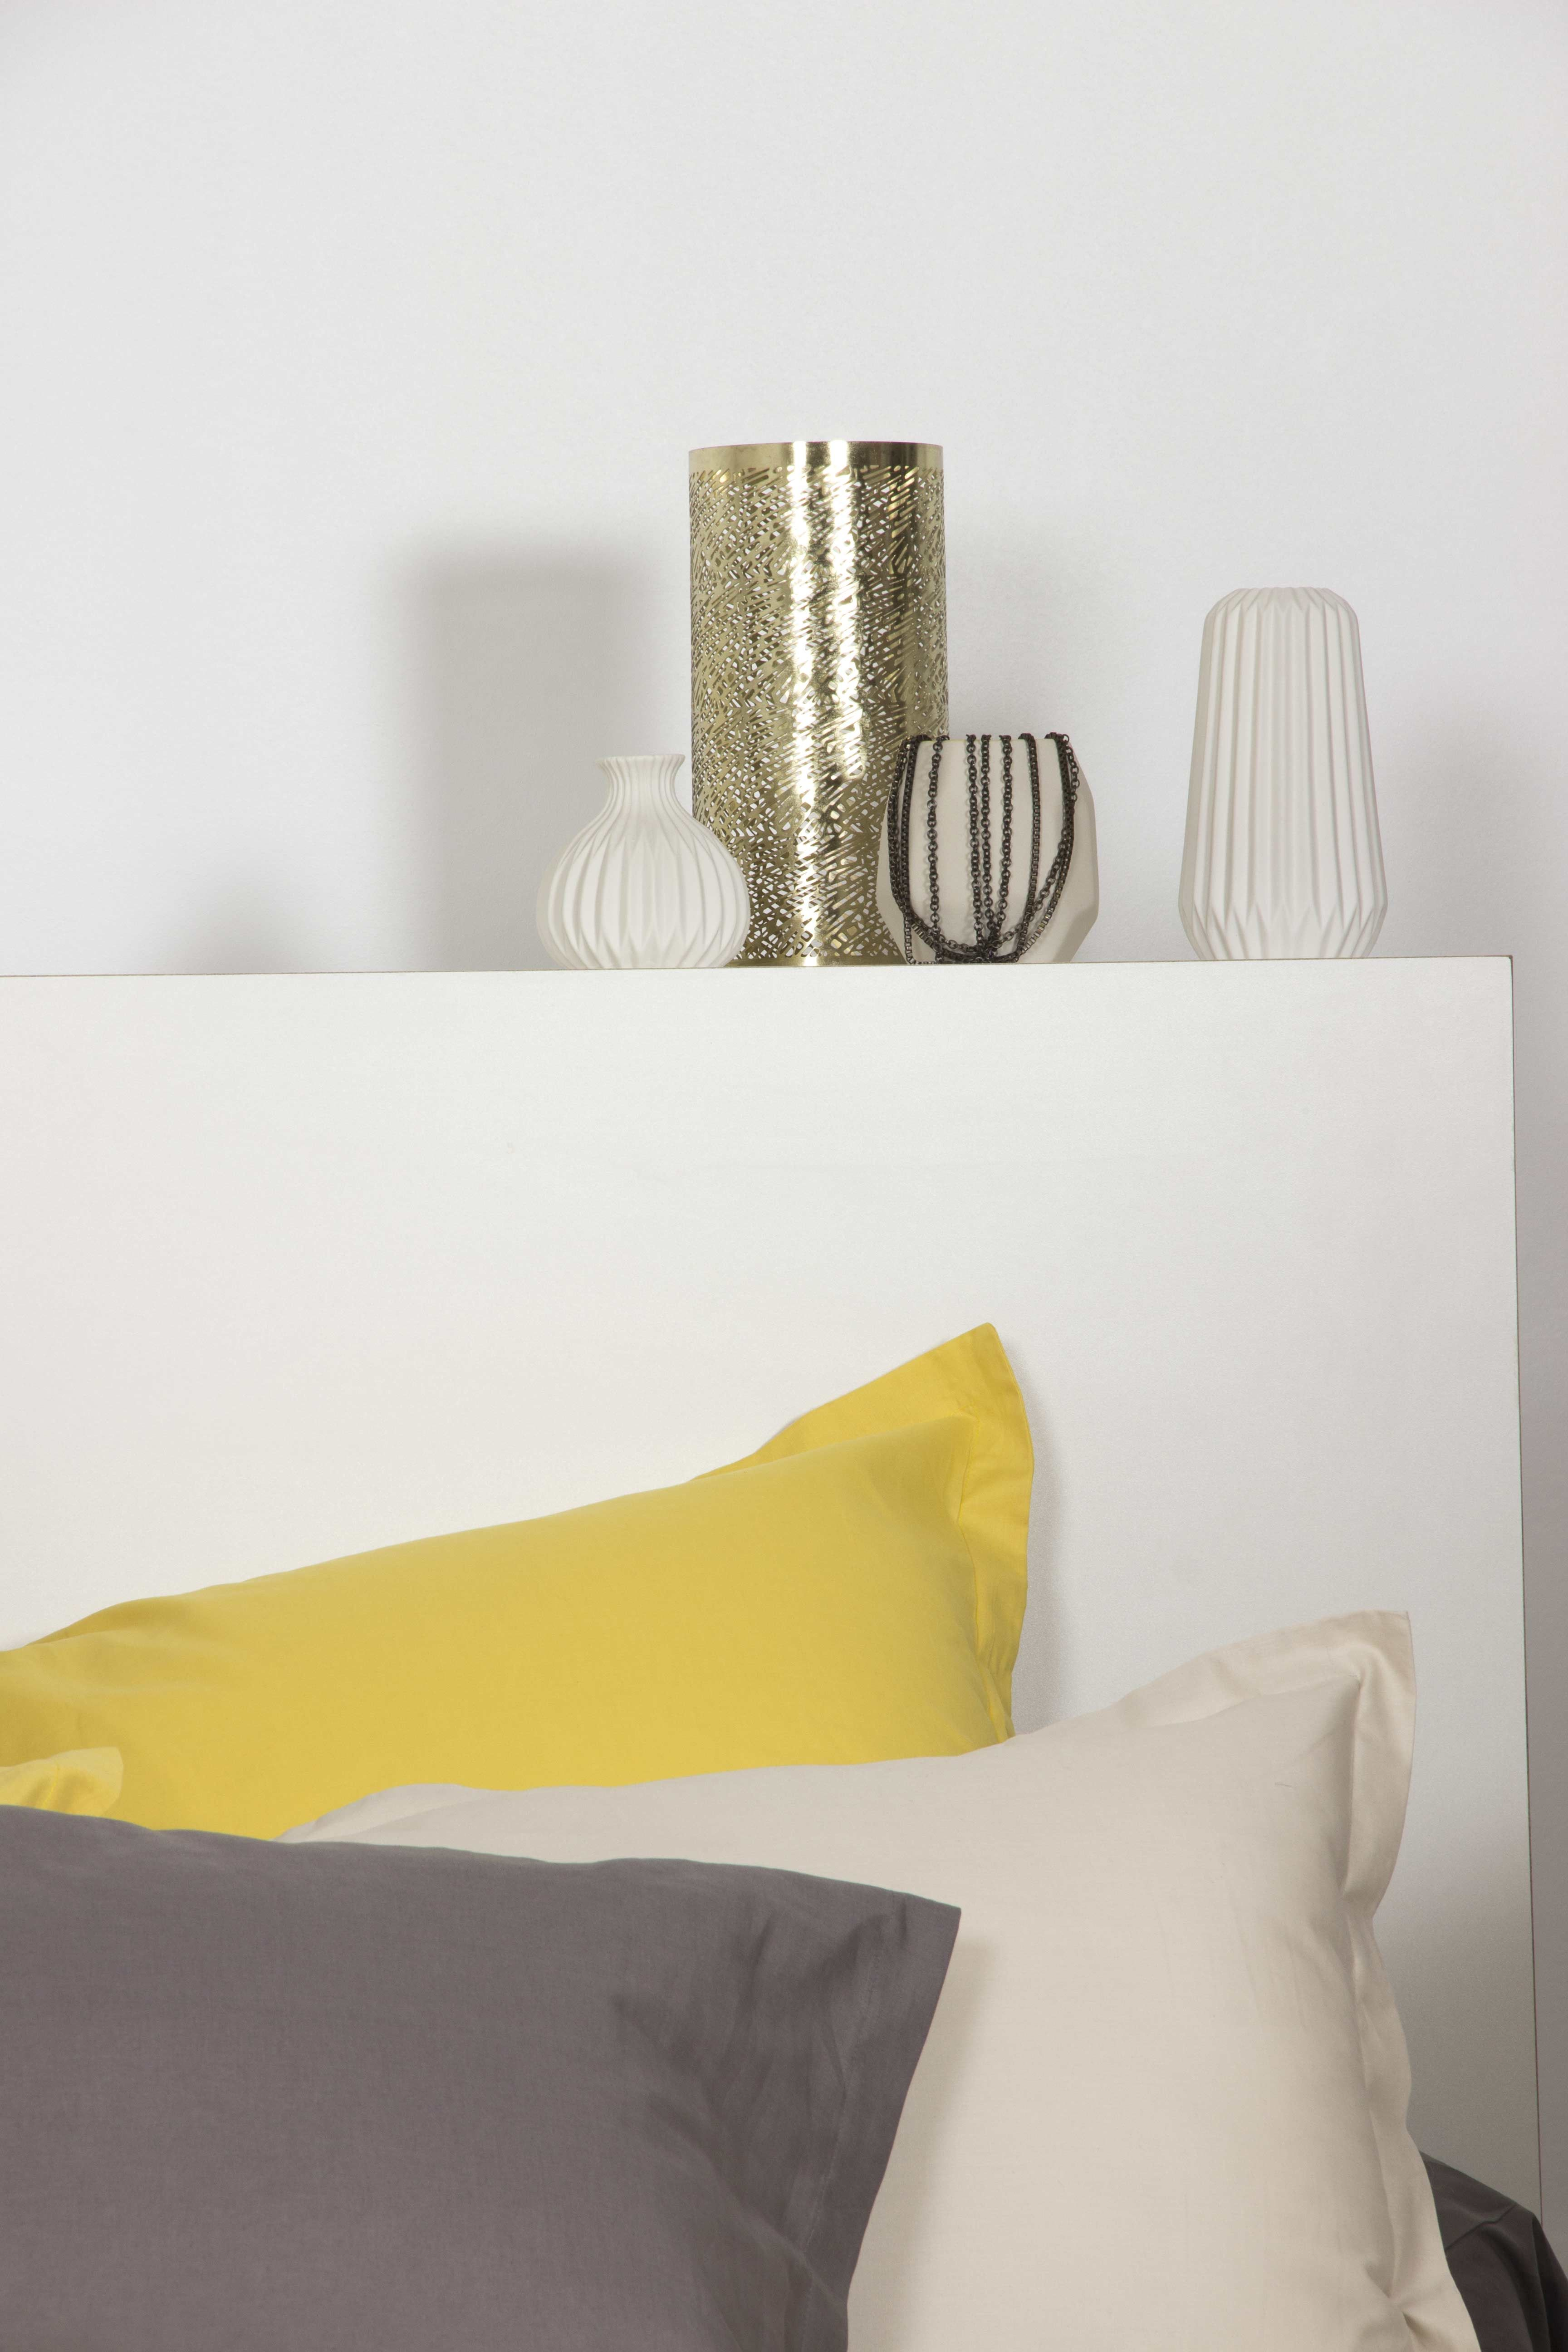 Idée déco pour une chambre colorée - Coussins de couleur jaune ...